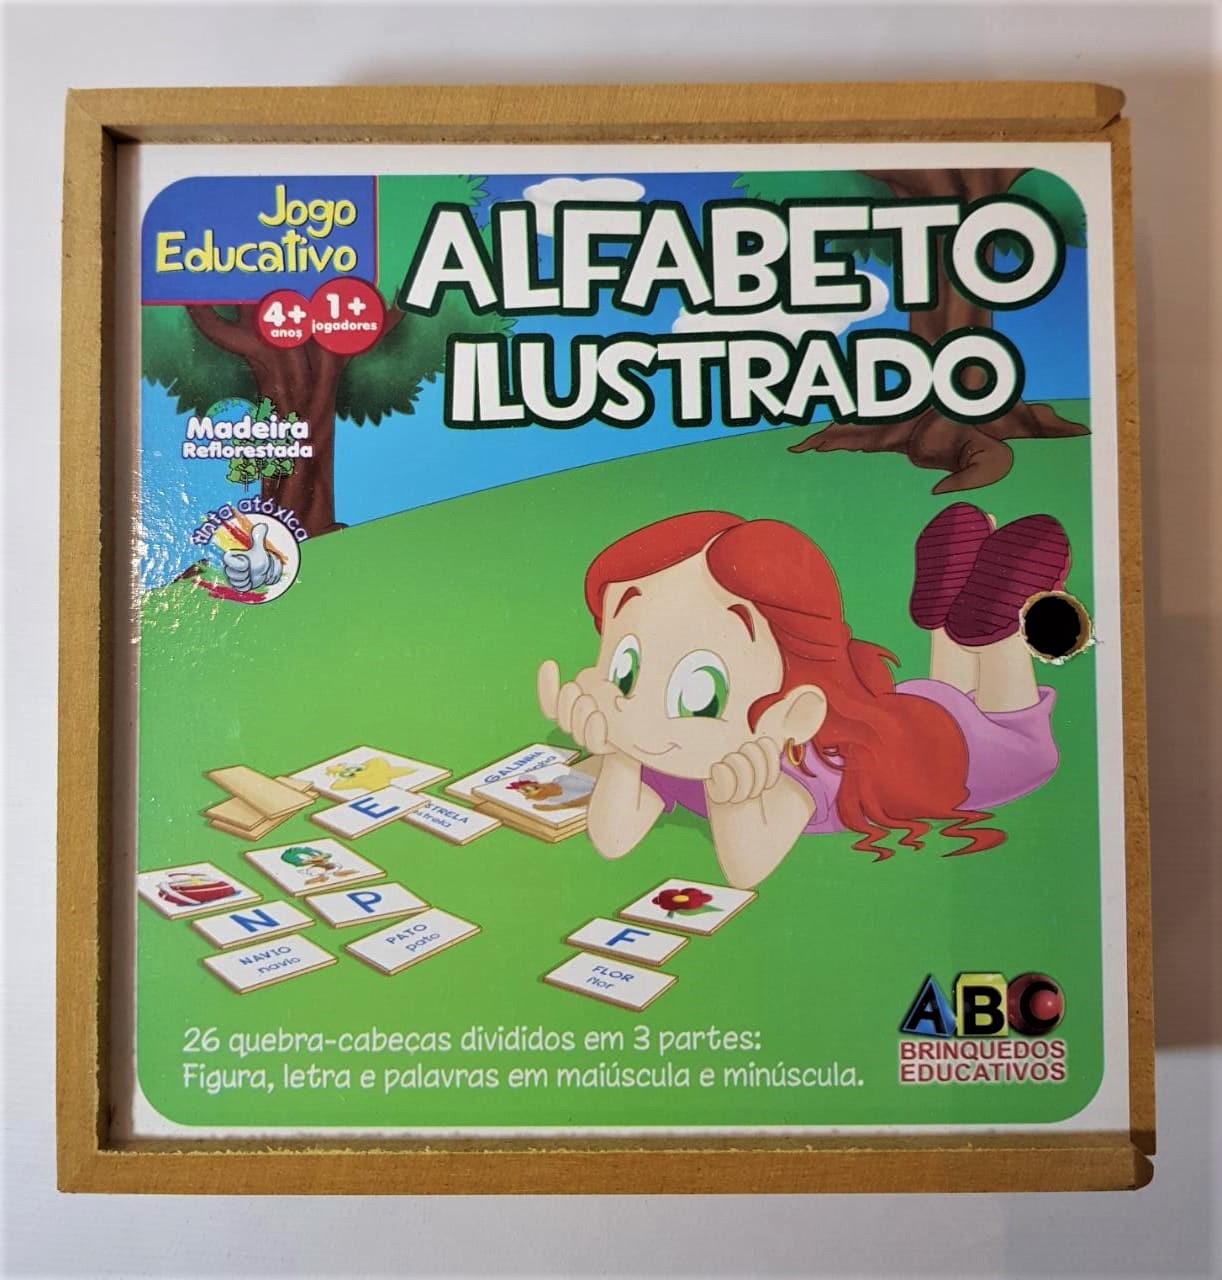 ALFABETO ILUSTRADO -  JOGO EDUCATIVO